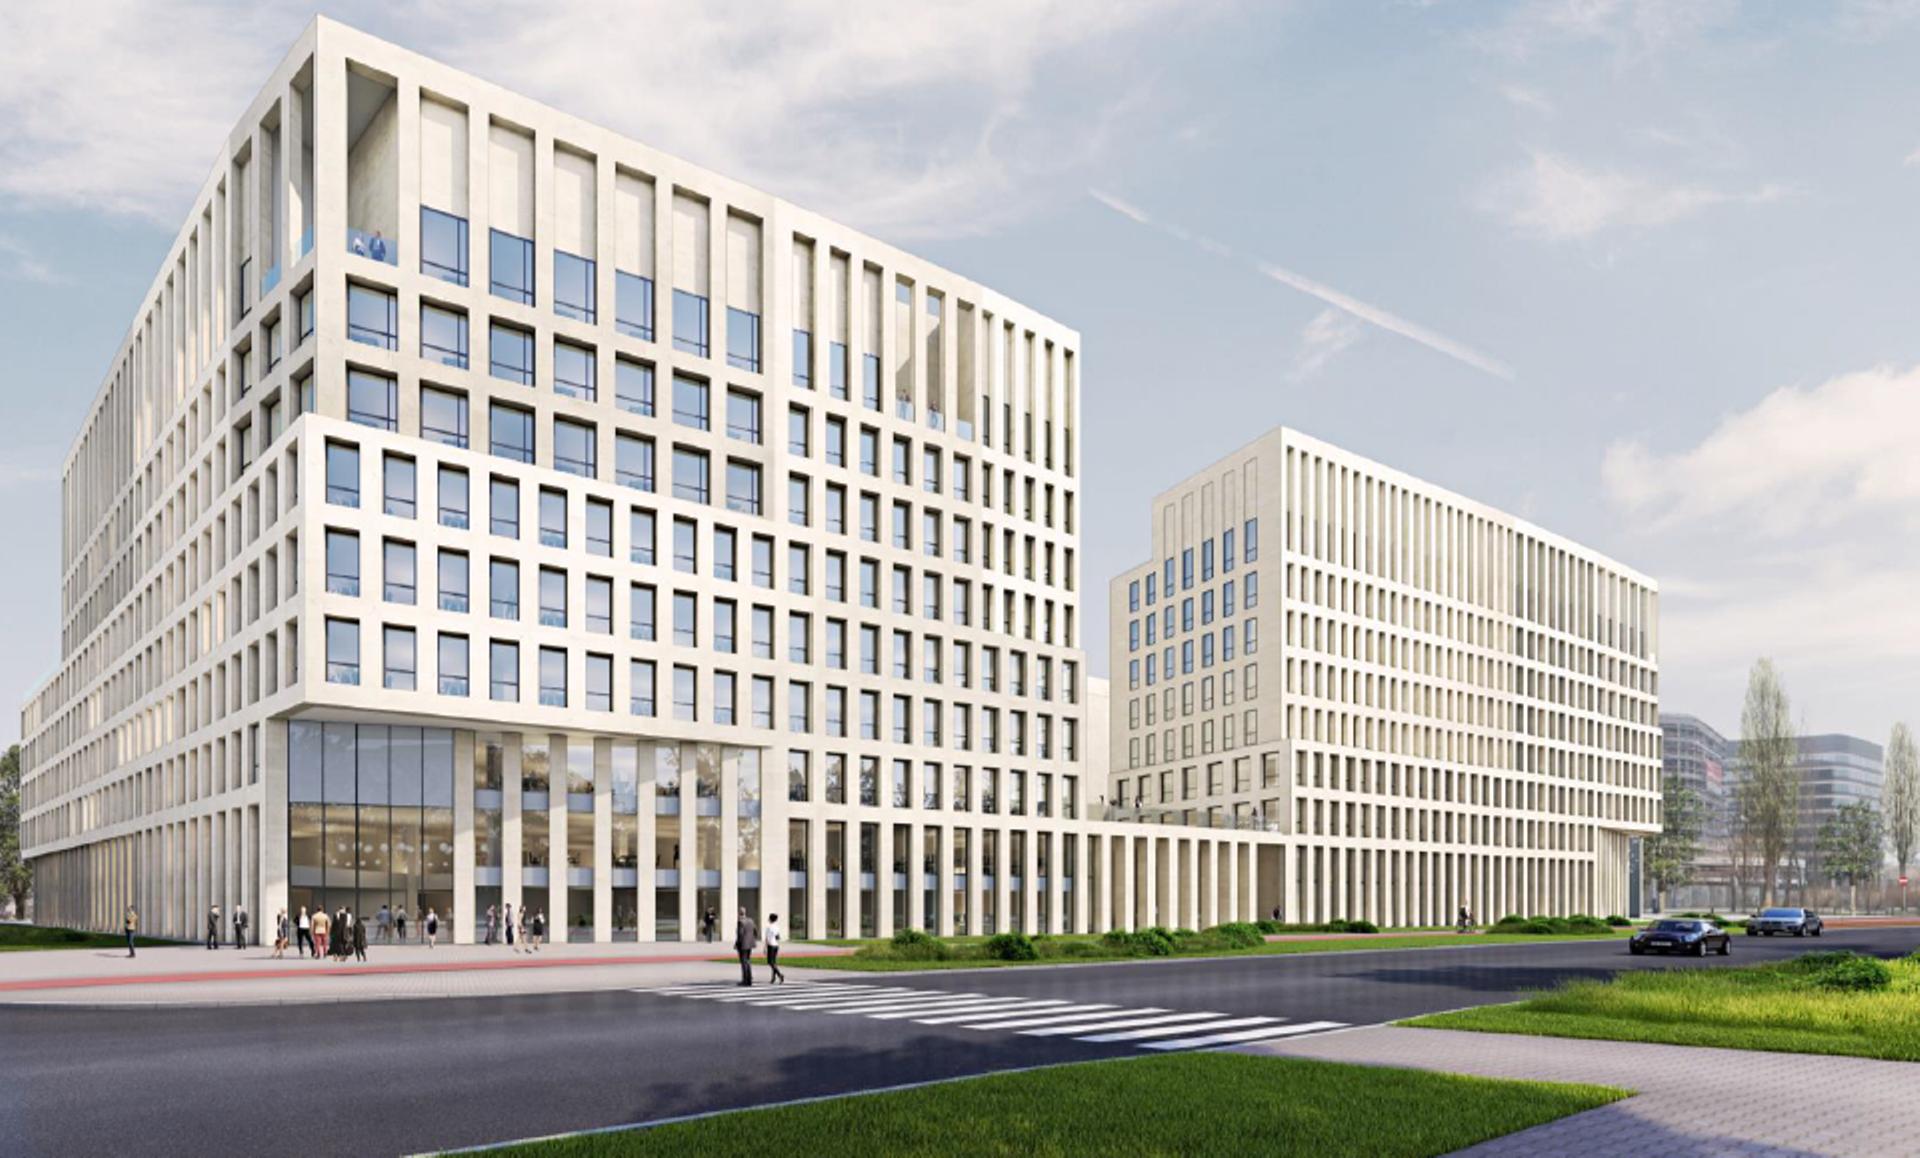 W Krakowie powstaje kompleks biurowy Brain Park [ZDJĘCIA + WIZUALIZACJE]